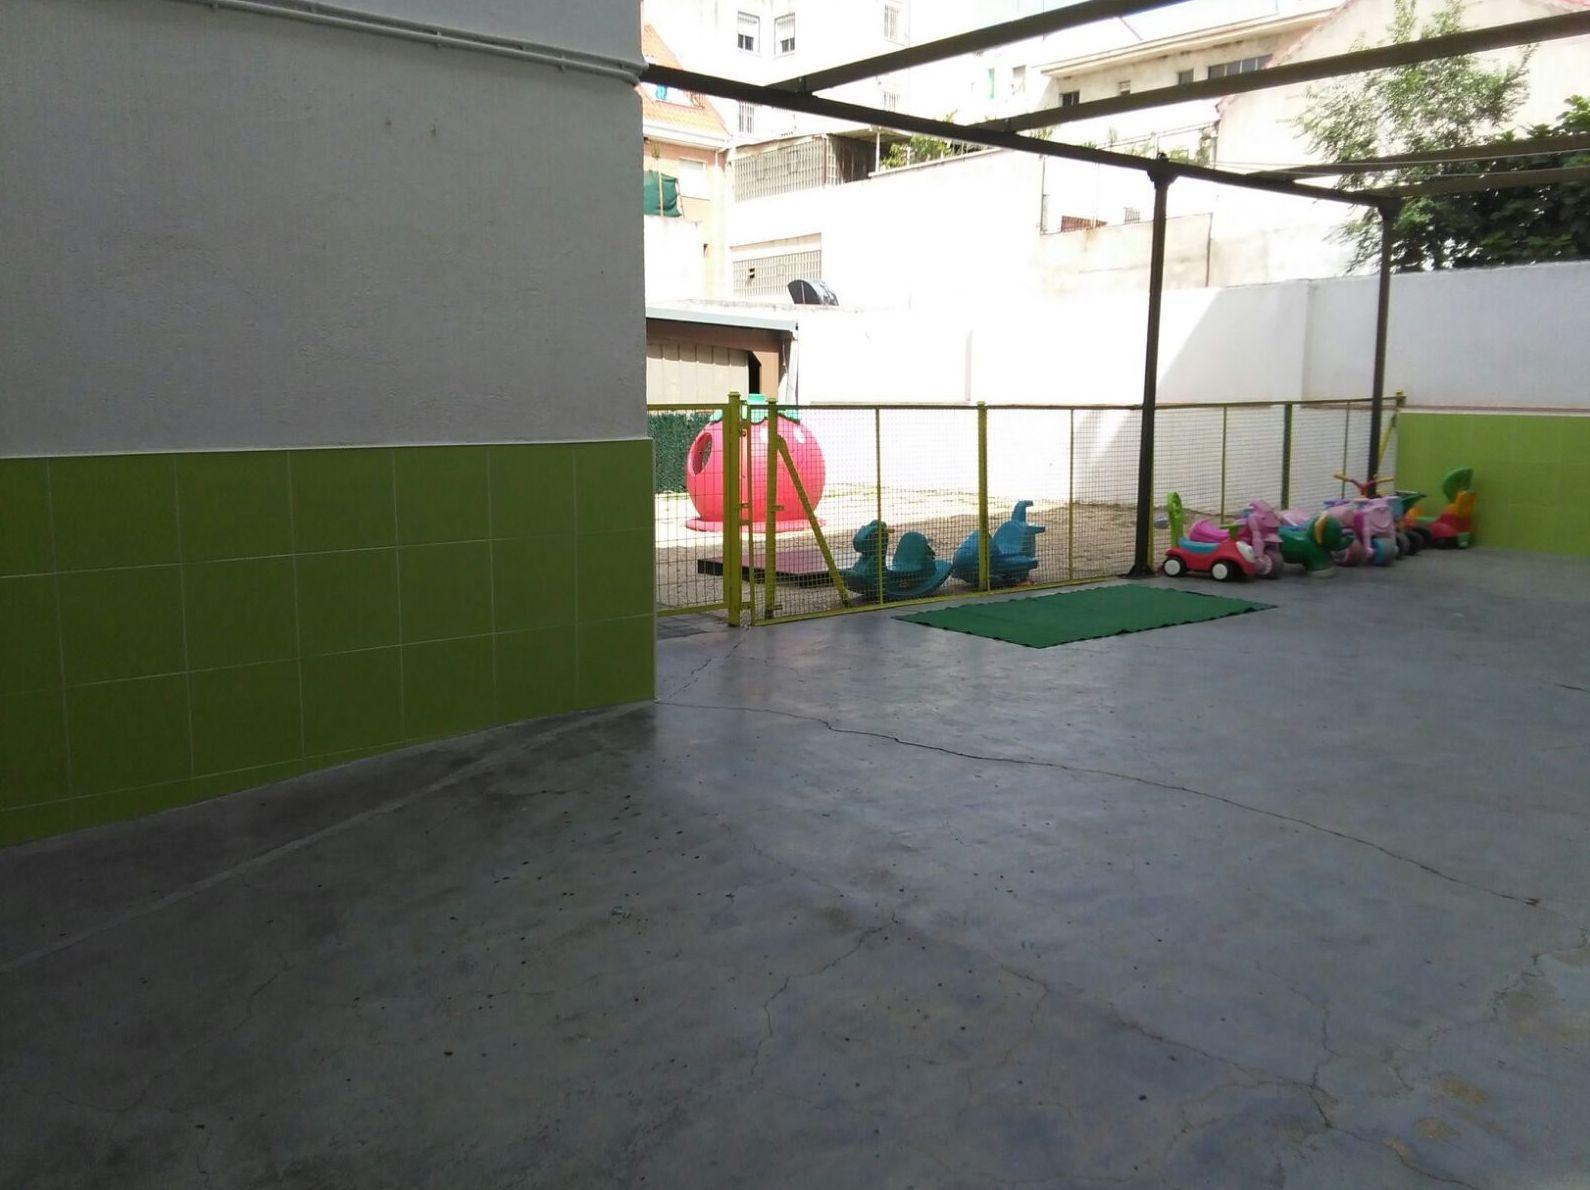 Foto 1 de Guarderías y Escuelas infantiles en Madrid | Guardería Blancanieves